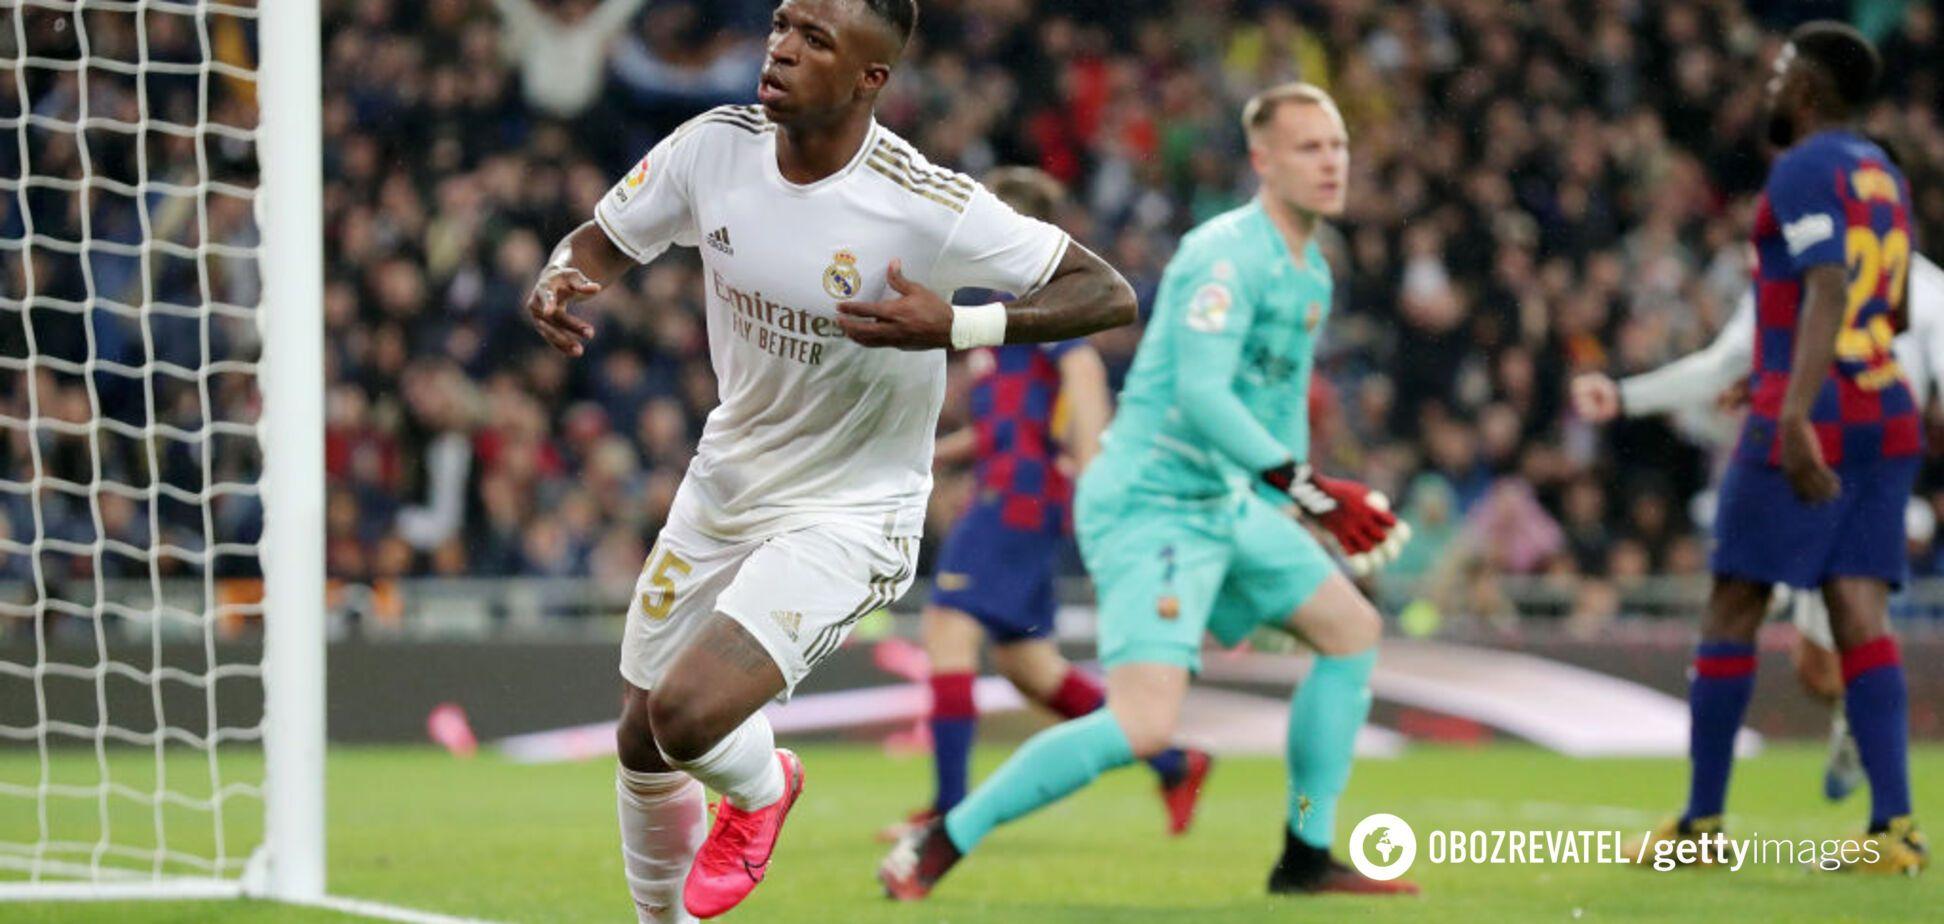 'Реал' обіграв 'Барселону' в Ель-Класико і вийшов на перше місце в Ла Лізі